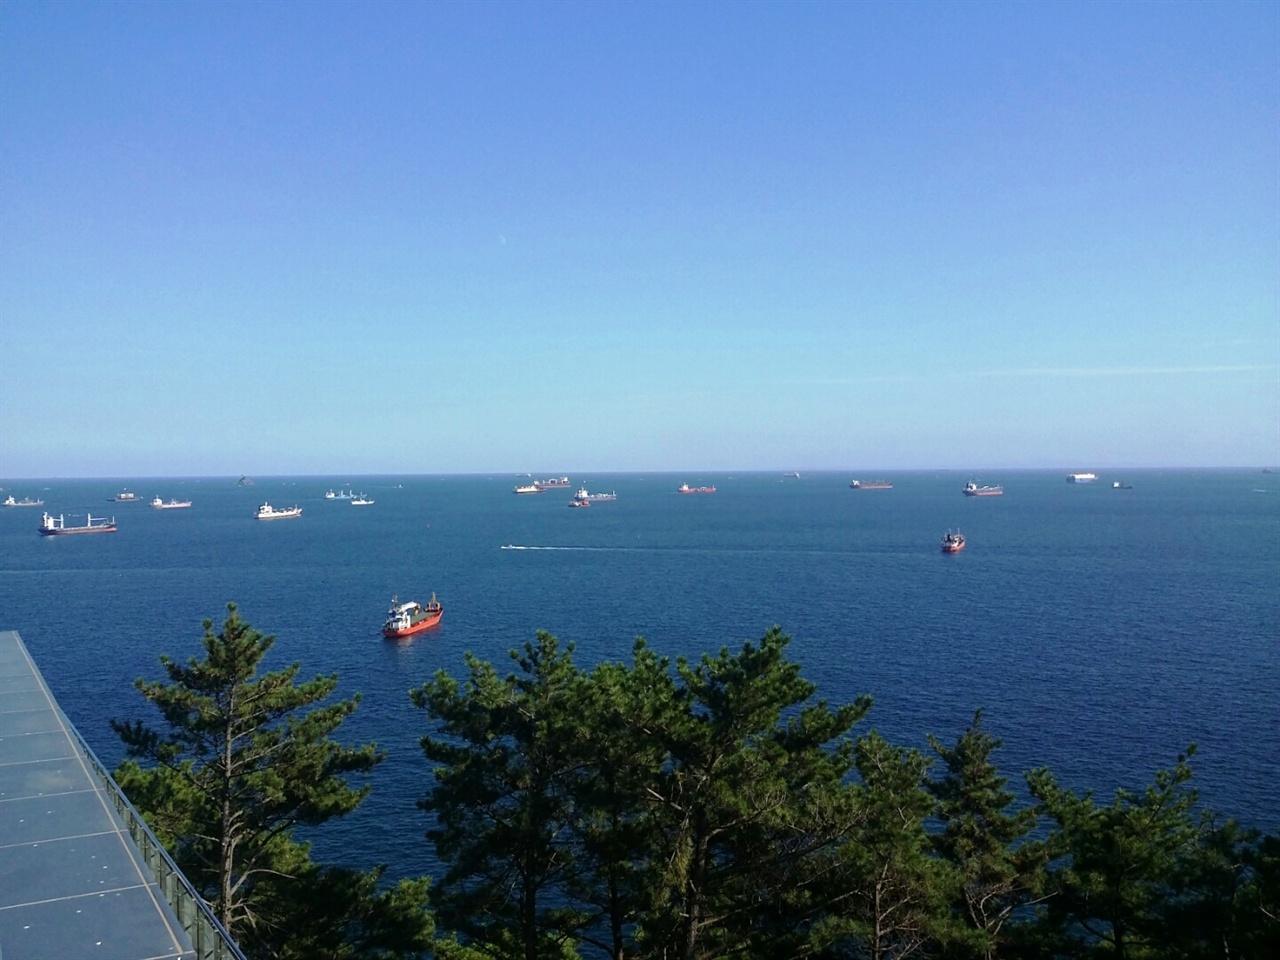 푸른 바다에 떠있는 배들. 송도해수욕장 풍경은 한 폭의 그림 같다.